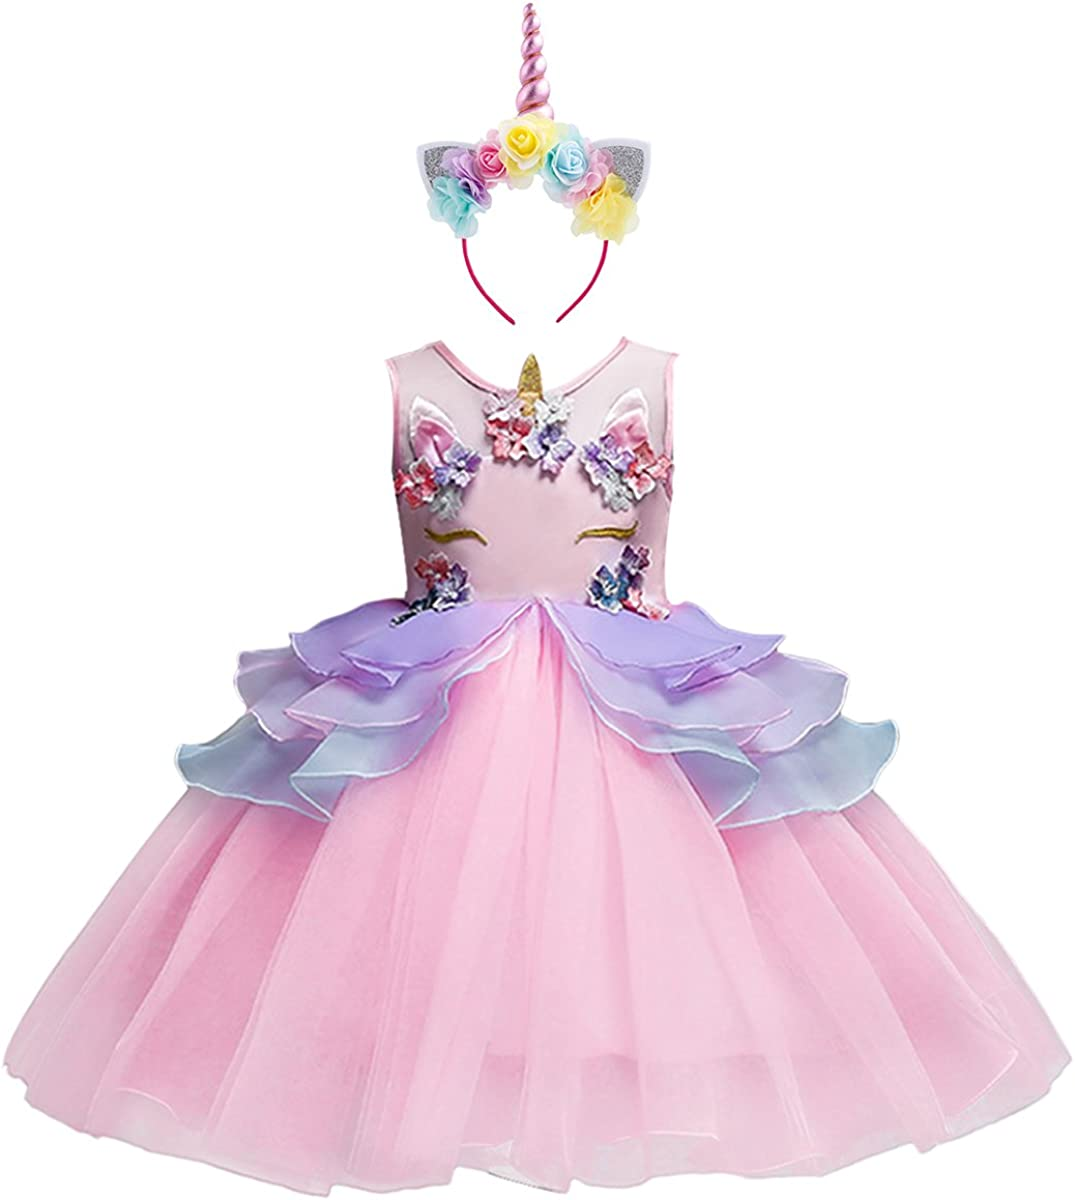 Costume da Principessa Unicorno per Bimba con Vestito Lungo Compleanno Ballerina Abiti Bambini Carnevale Halloween Cosplay Abito Arcobaleno Festa Cerimonia Nozze Sera Pageant Battesimo Fiore Ragazze